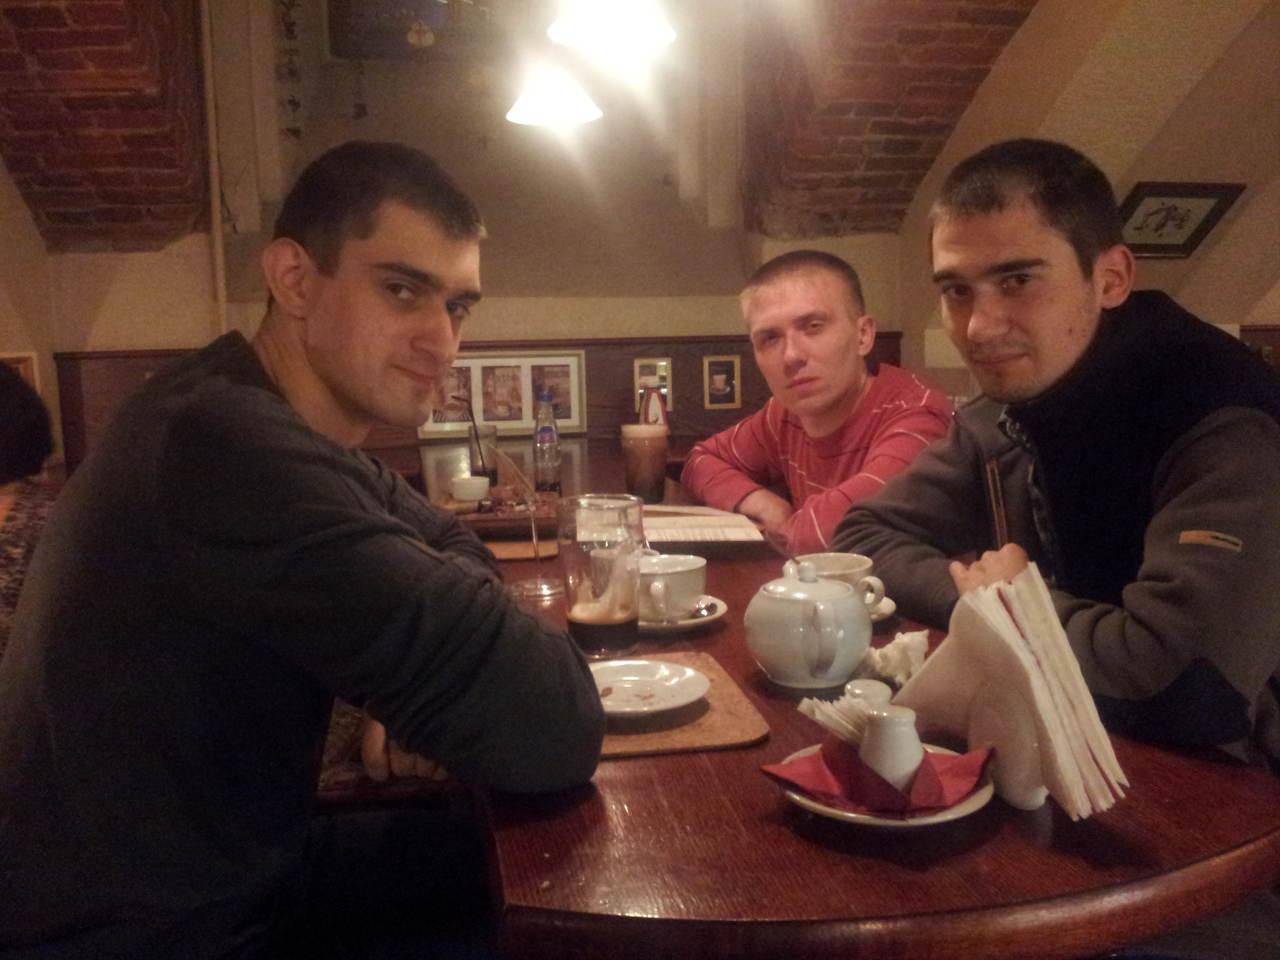 gamedev-Питер 2 | Встречи геймдева - совместная попойка (Питер)